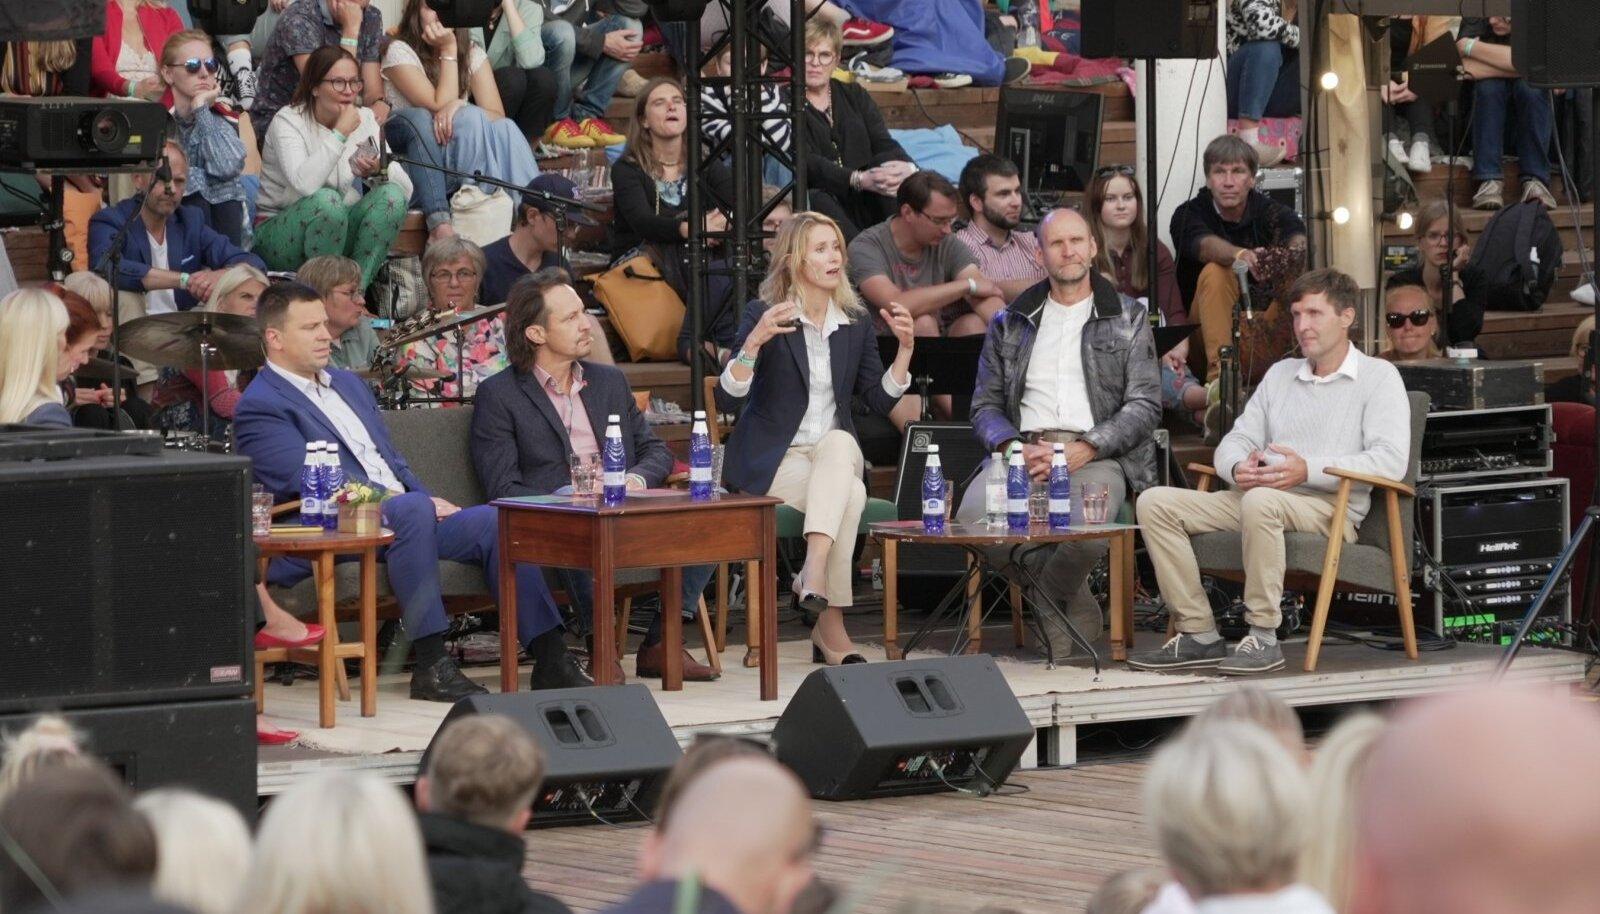 Reedel Paides toimunud arvamusfestivalil arutasid viie erakonna juhid (vasakult Jüri Ratas (KE), Indrek Saar (SDE), Kaja Kallas (RE), Helir-Valdor Seeder (Isamaa) ja Martin Helme (EKRE) elavalt presidendi rolli ühiskonnas. Teoorias ollakse tugevad, kuid sobivat kandidaati pole leitud.